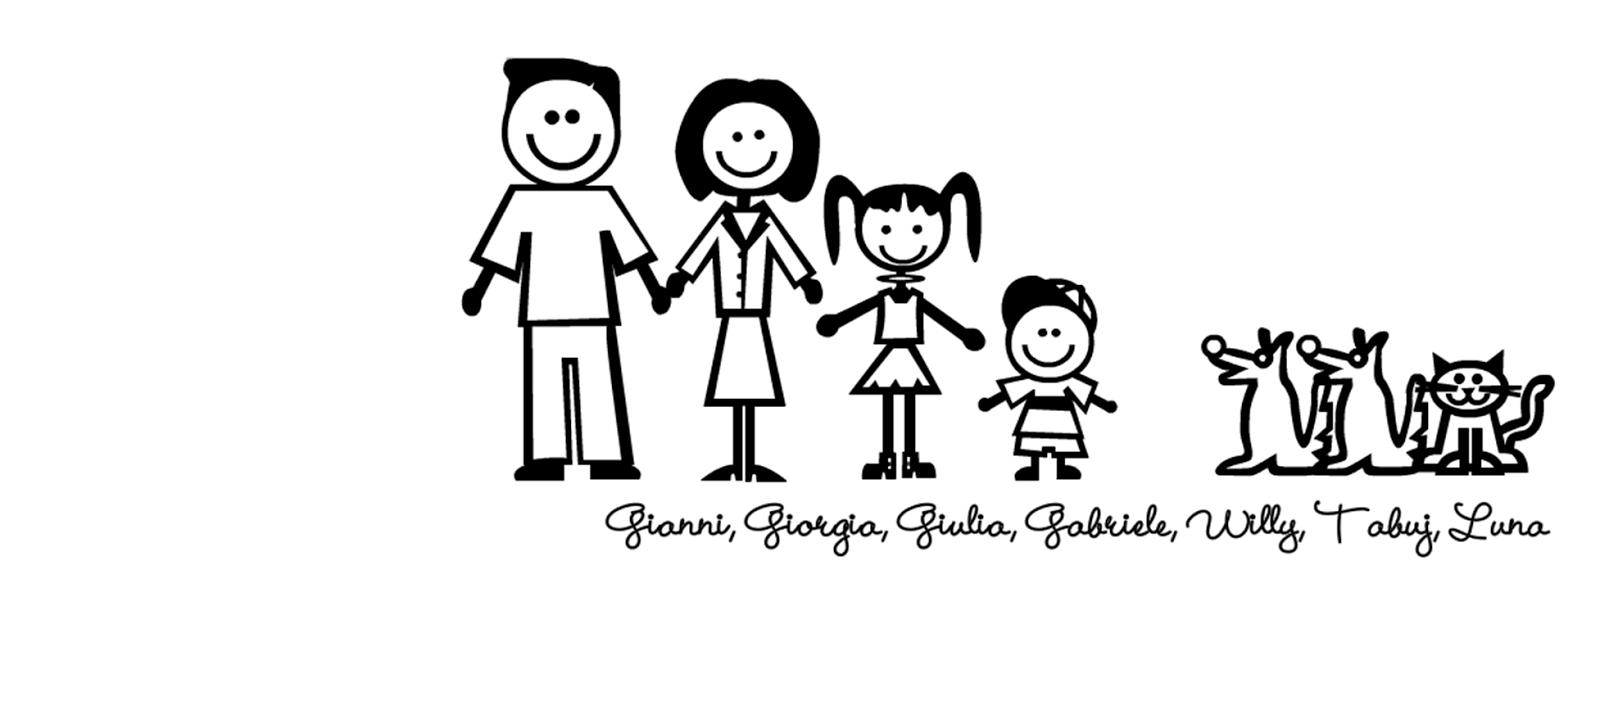 G&g Family